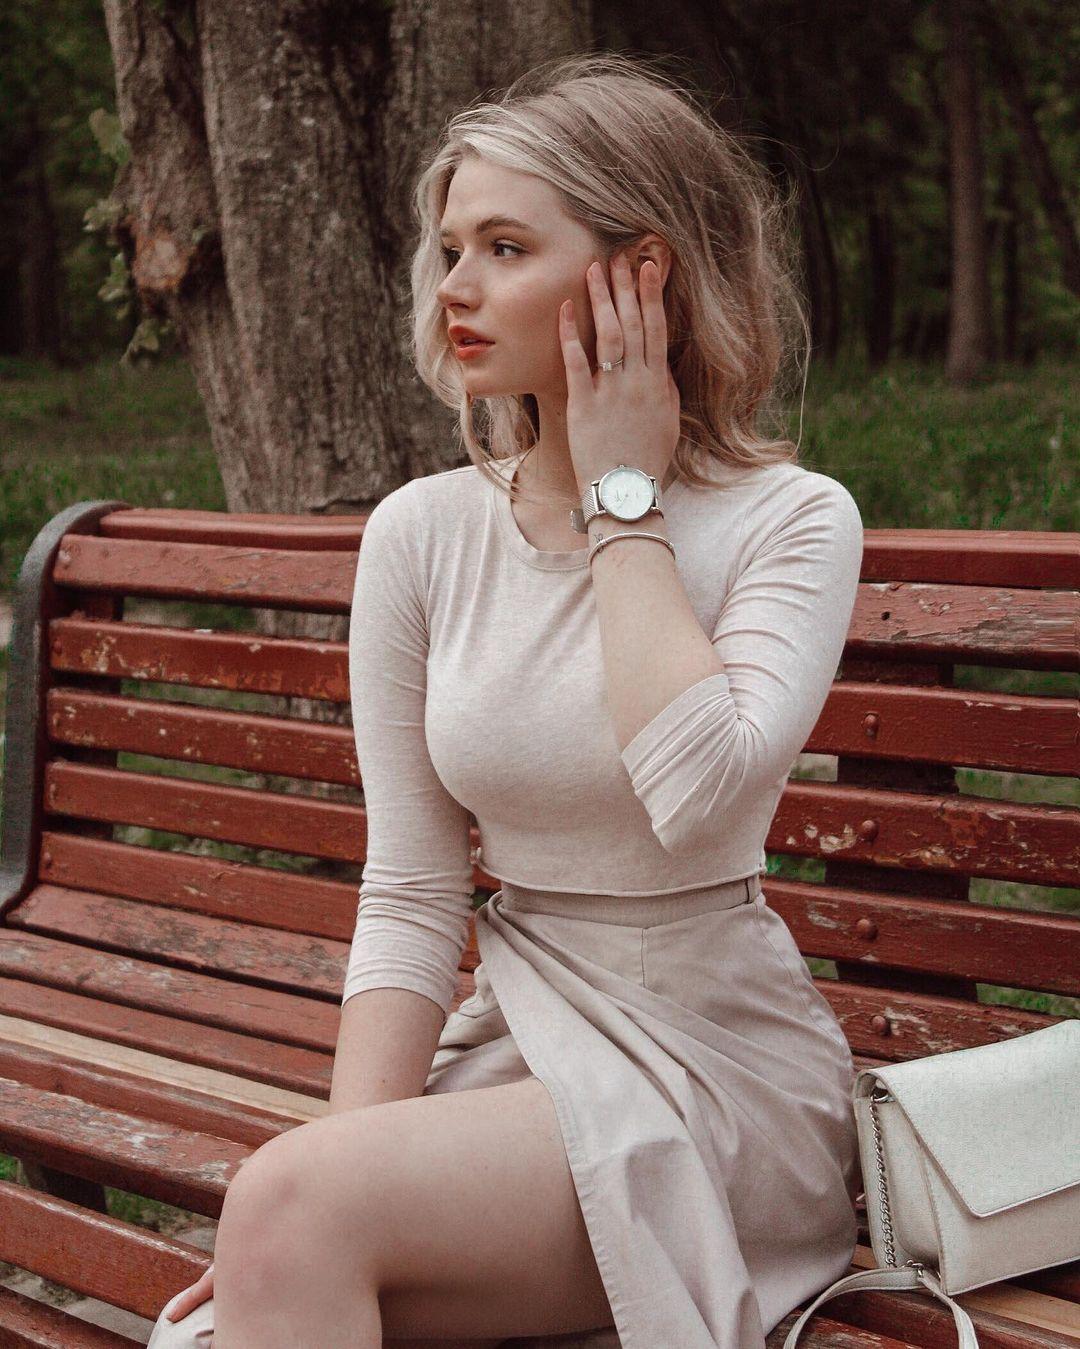 乌克兰妹总是不让人失望 时尚穿搭配高级颜... 个头娇小爆发名模气场 养眼图片 第7张